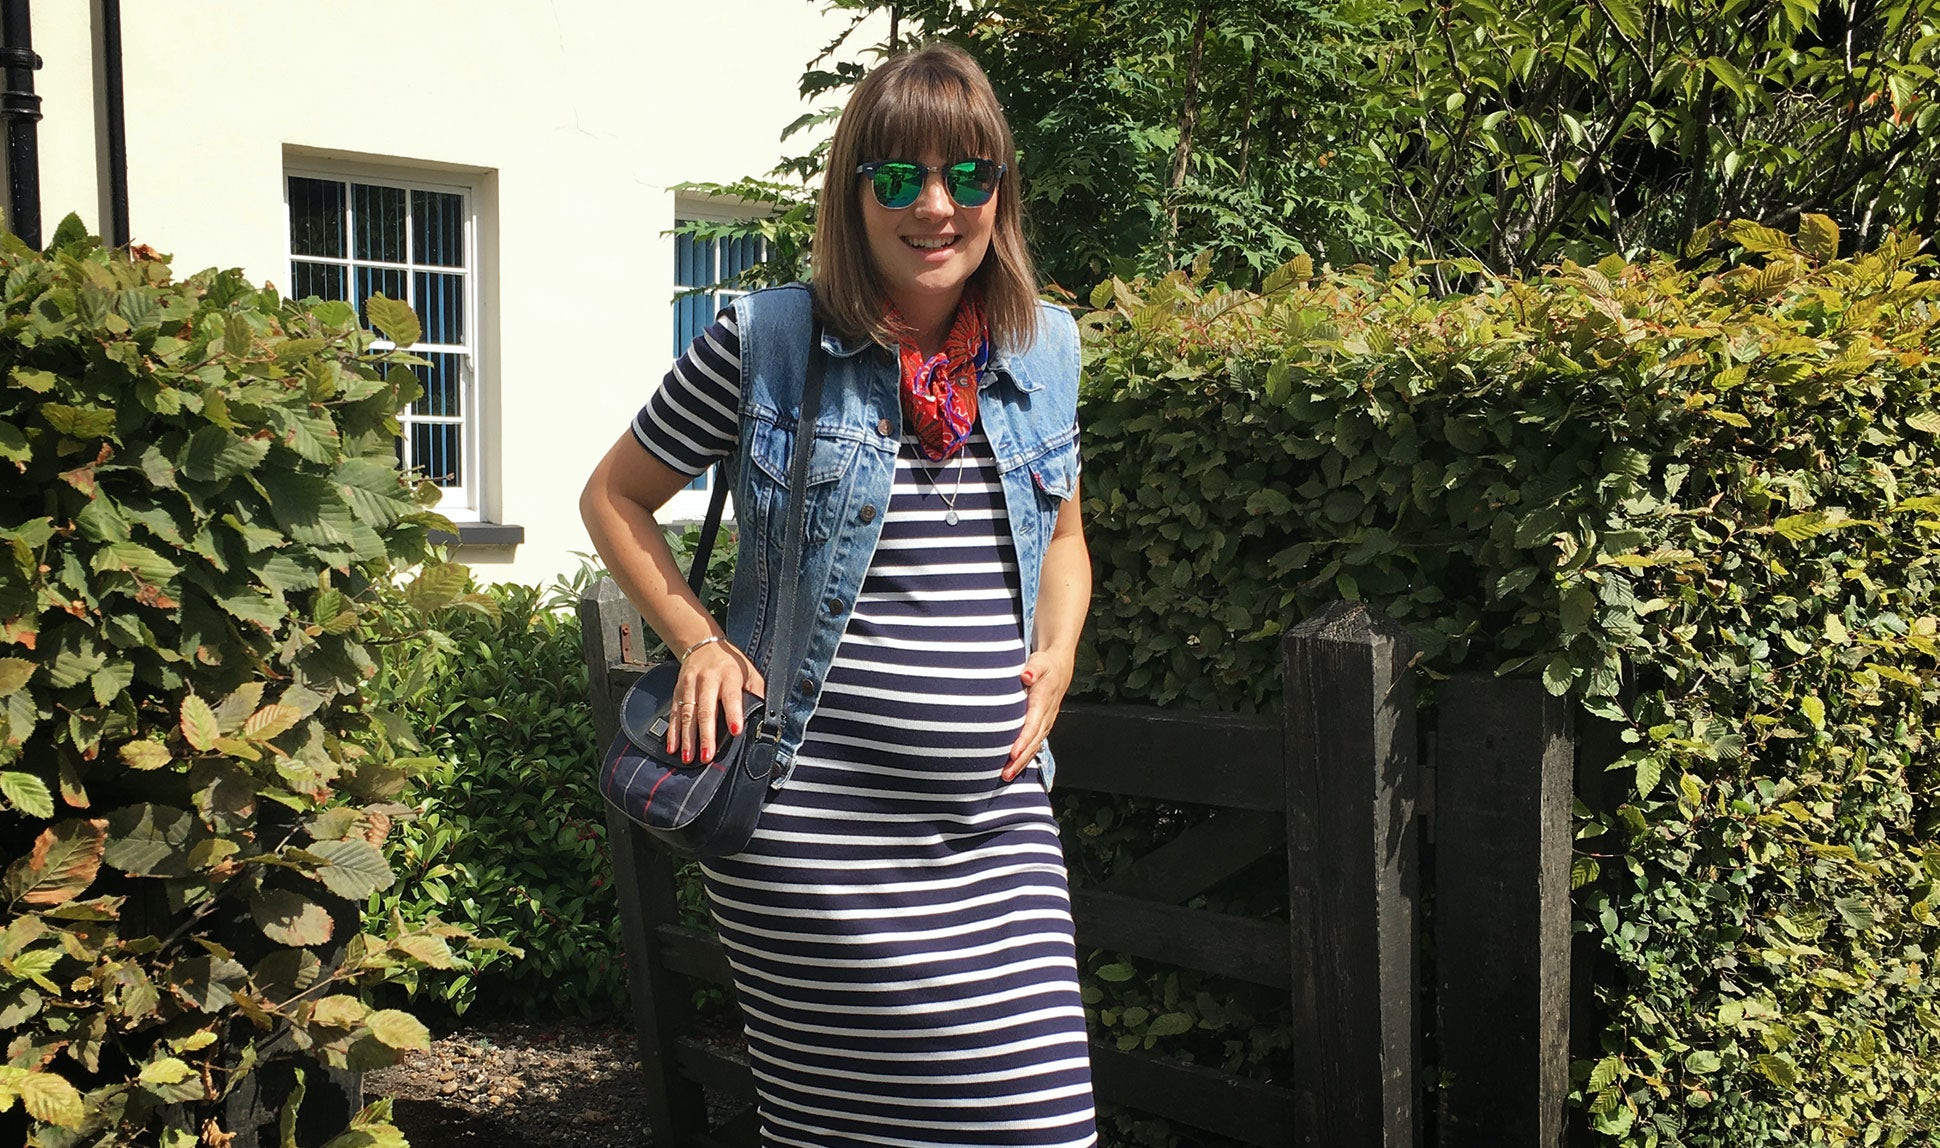 BABYBJÖRN Föräldramagasin – Bloggaren och mamman Nicola Friend, gravid med sitt första barn.